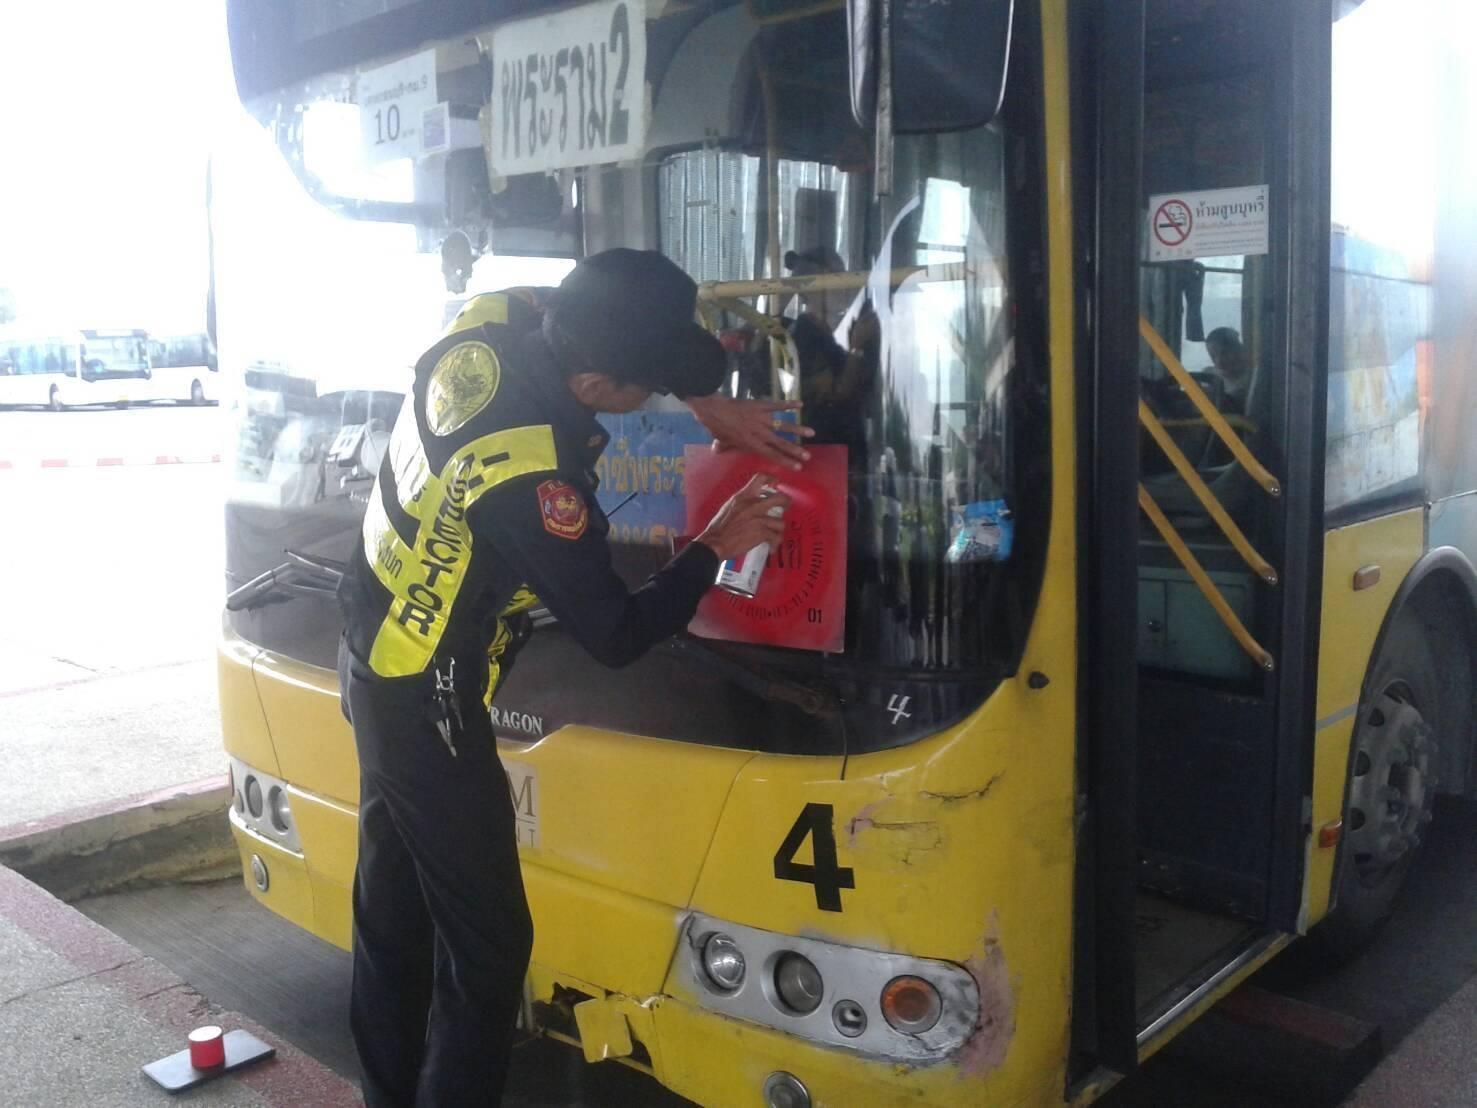 ห้ามใช้! รถเมล์สาย 558 สุดยับเยิน สั่งรถร่วมงดเดินรถชั่วคราว ประสาน ขสมก.จัดรถเสริม